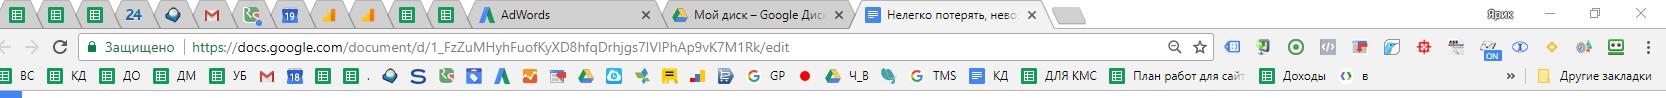 браузер типичного пользователя